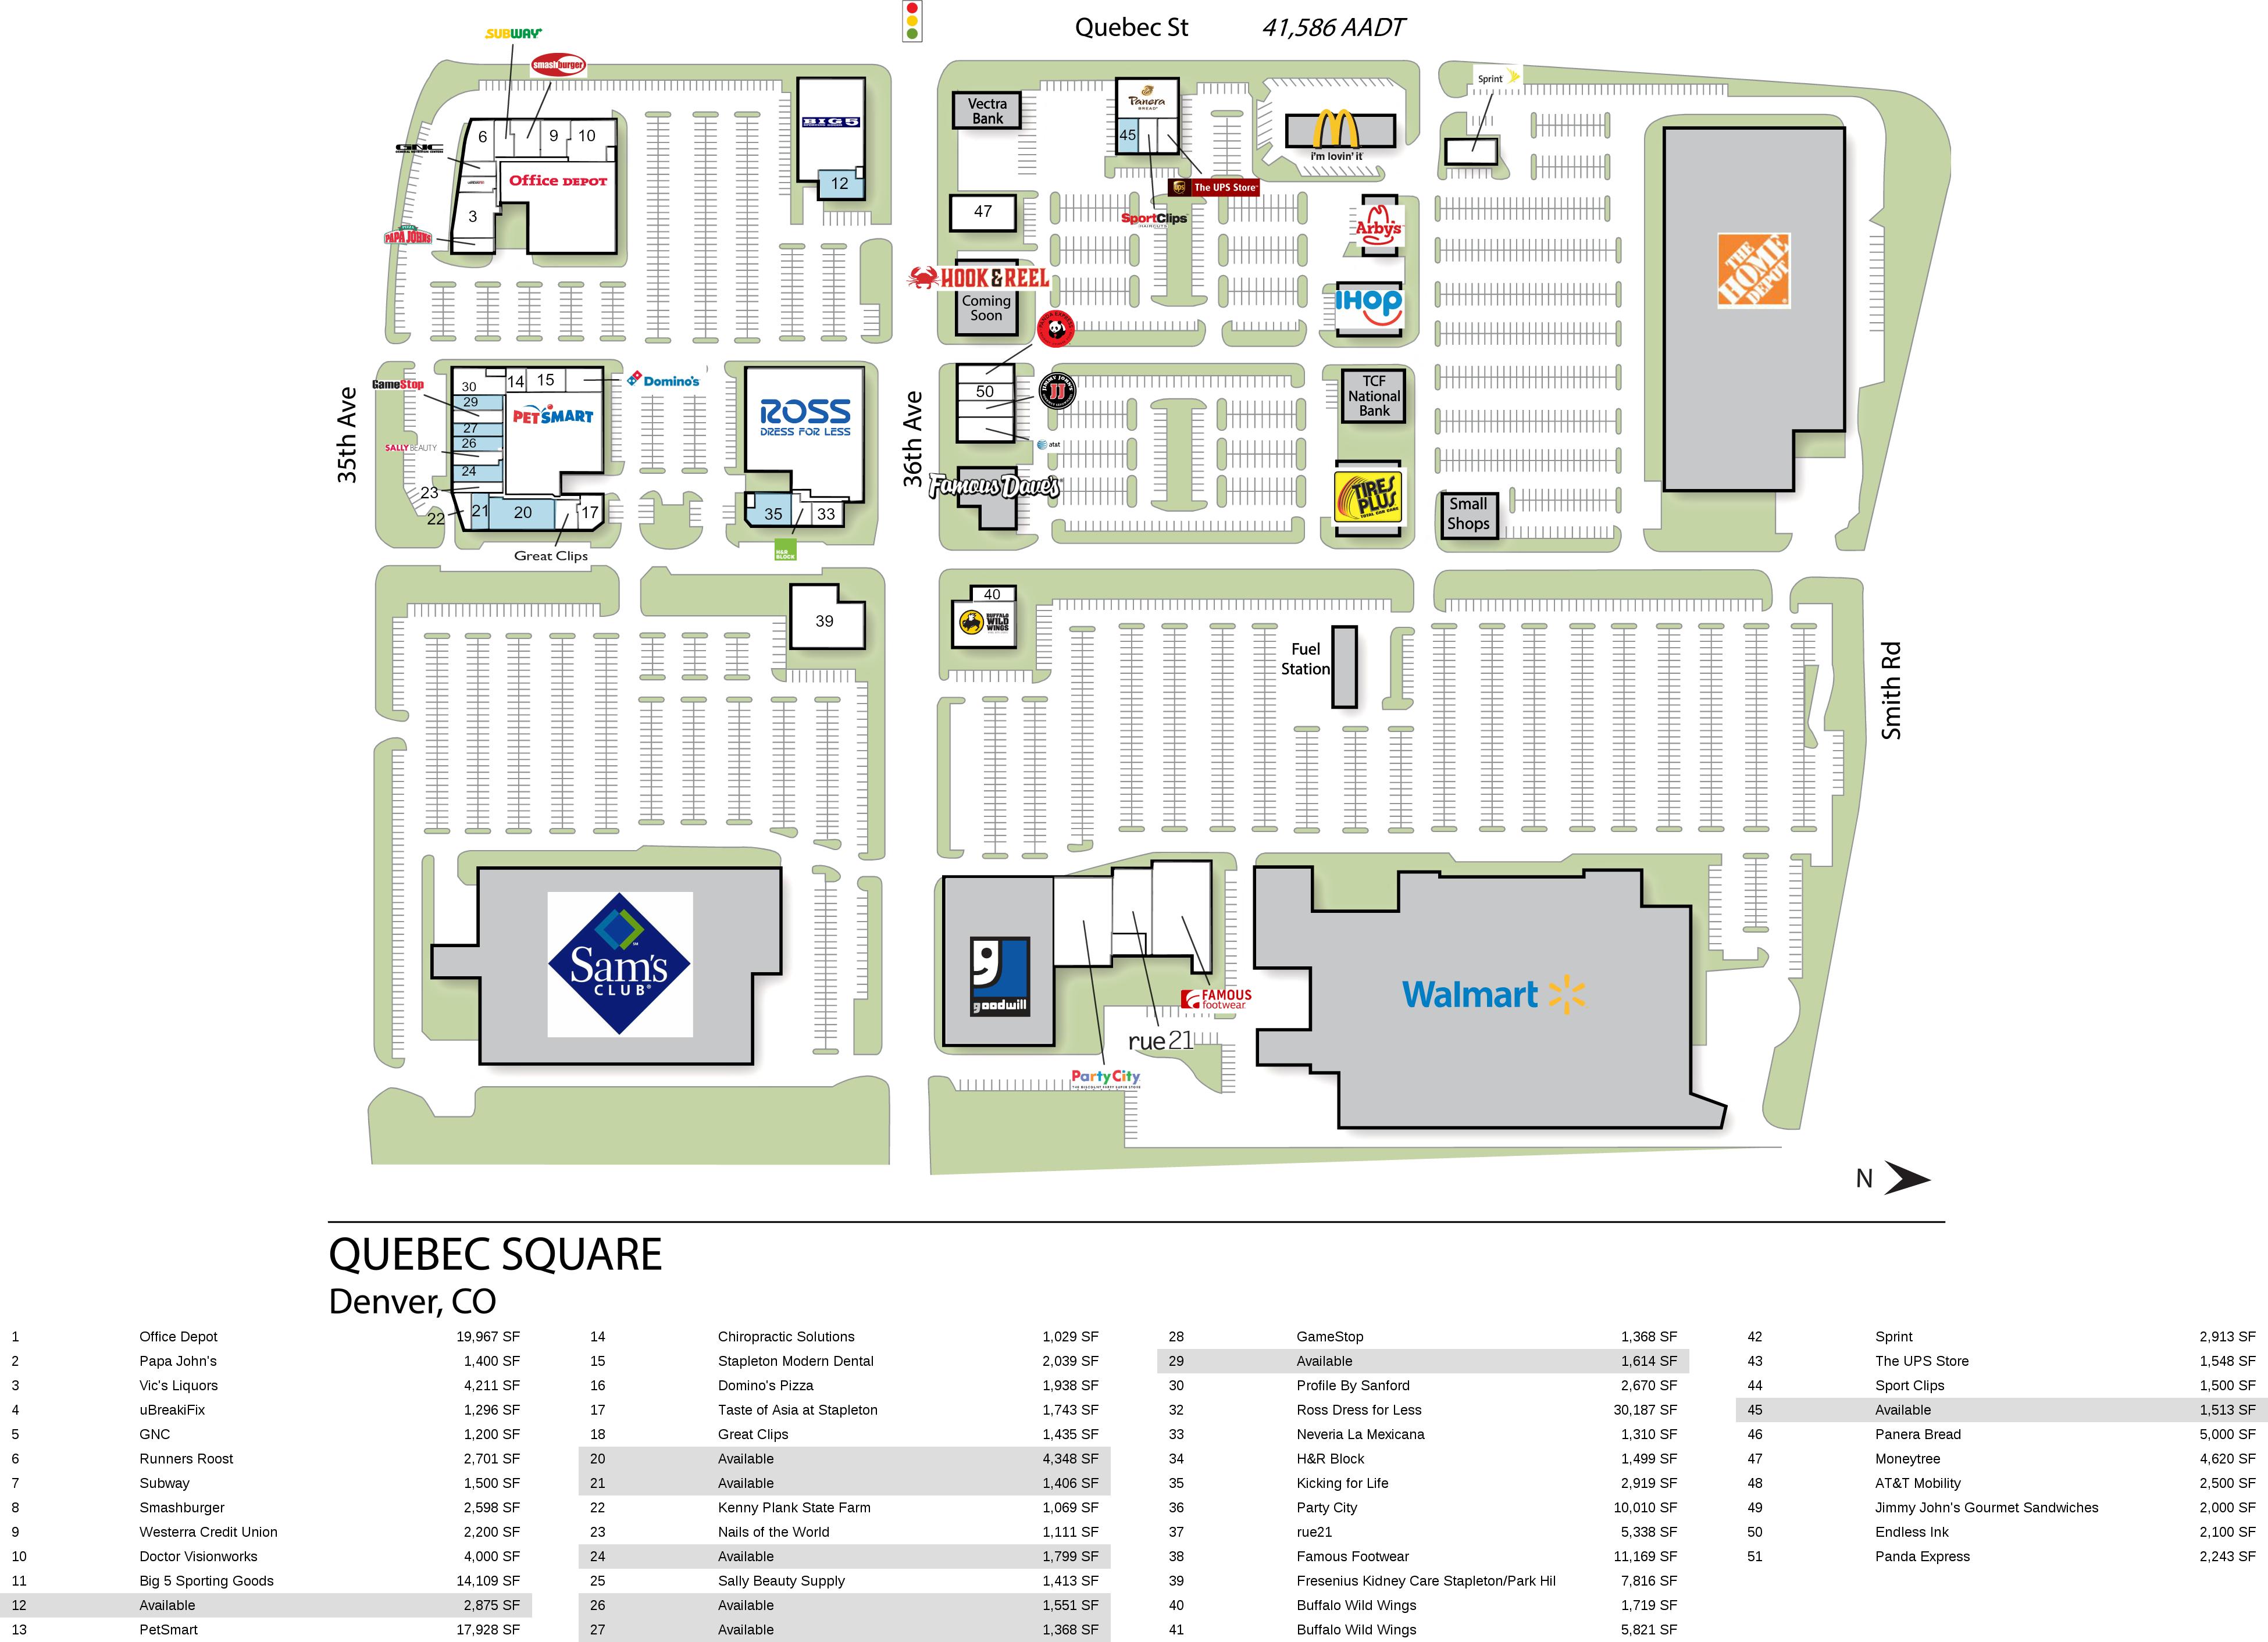 Denver CO: Quebec Square - Retail Space - InvenTrust